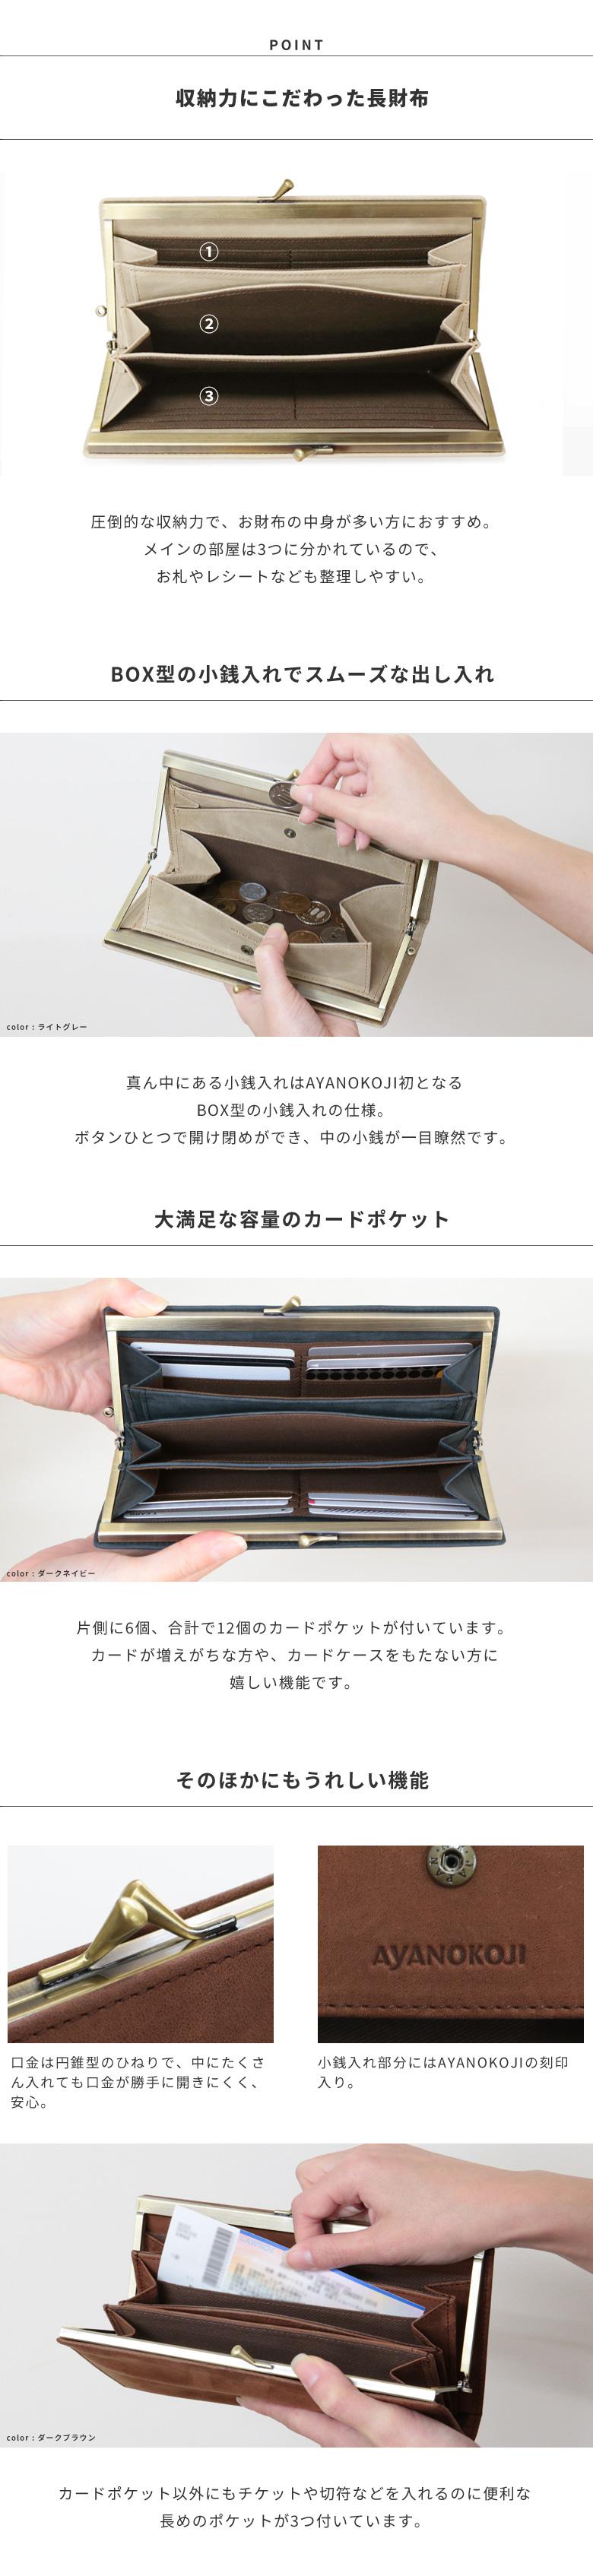 POINT 収納力にこだわった長財布 圧倒的な収納力で、お財布の中身が多い方におすすめ。メインの部屋は3つに分かれているので、お札やレシートなども整理しやすい。BOX型の小銭入れで一目瞭然 真ん中にある小銭入れはAYANOKOJI初となるBOX型の小銭入れの仕様。ボタンひとつで開け閉めができ、中の小銭が一目瞭然です。大満足な大容量のカードポケット 片側に6個、合計で12個のカードポケットが付いています。口金は円錐型のひねりで、中にたくさん入れても口金が勝手に開きにくい 小銭入れ部分にAYANOKOJIの刻印入り カードポケット以外にもチケットや切符などを入れるのに便利な長めのポケットが3つ付いています。